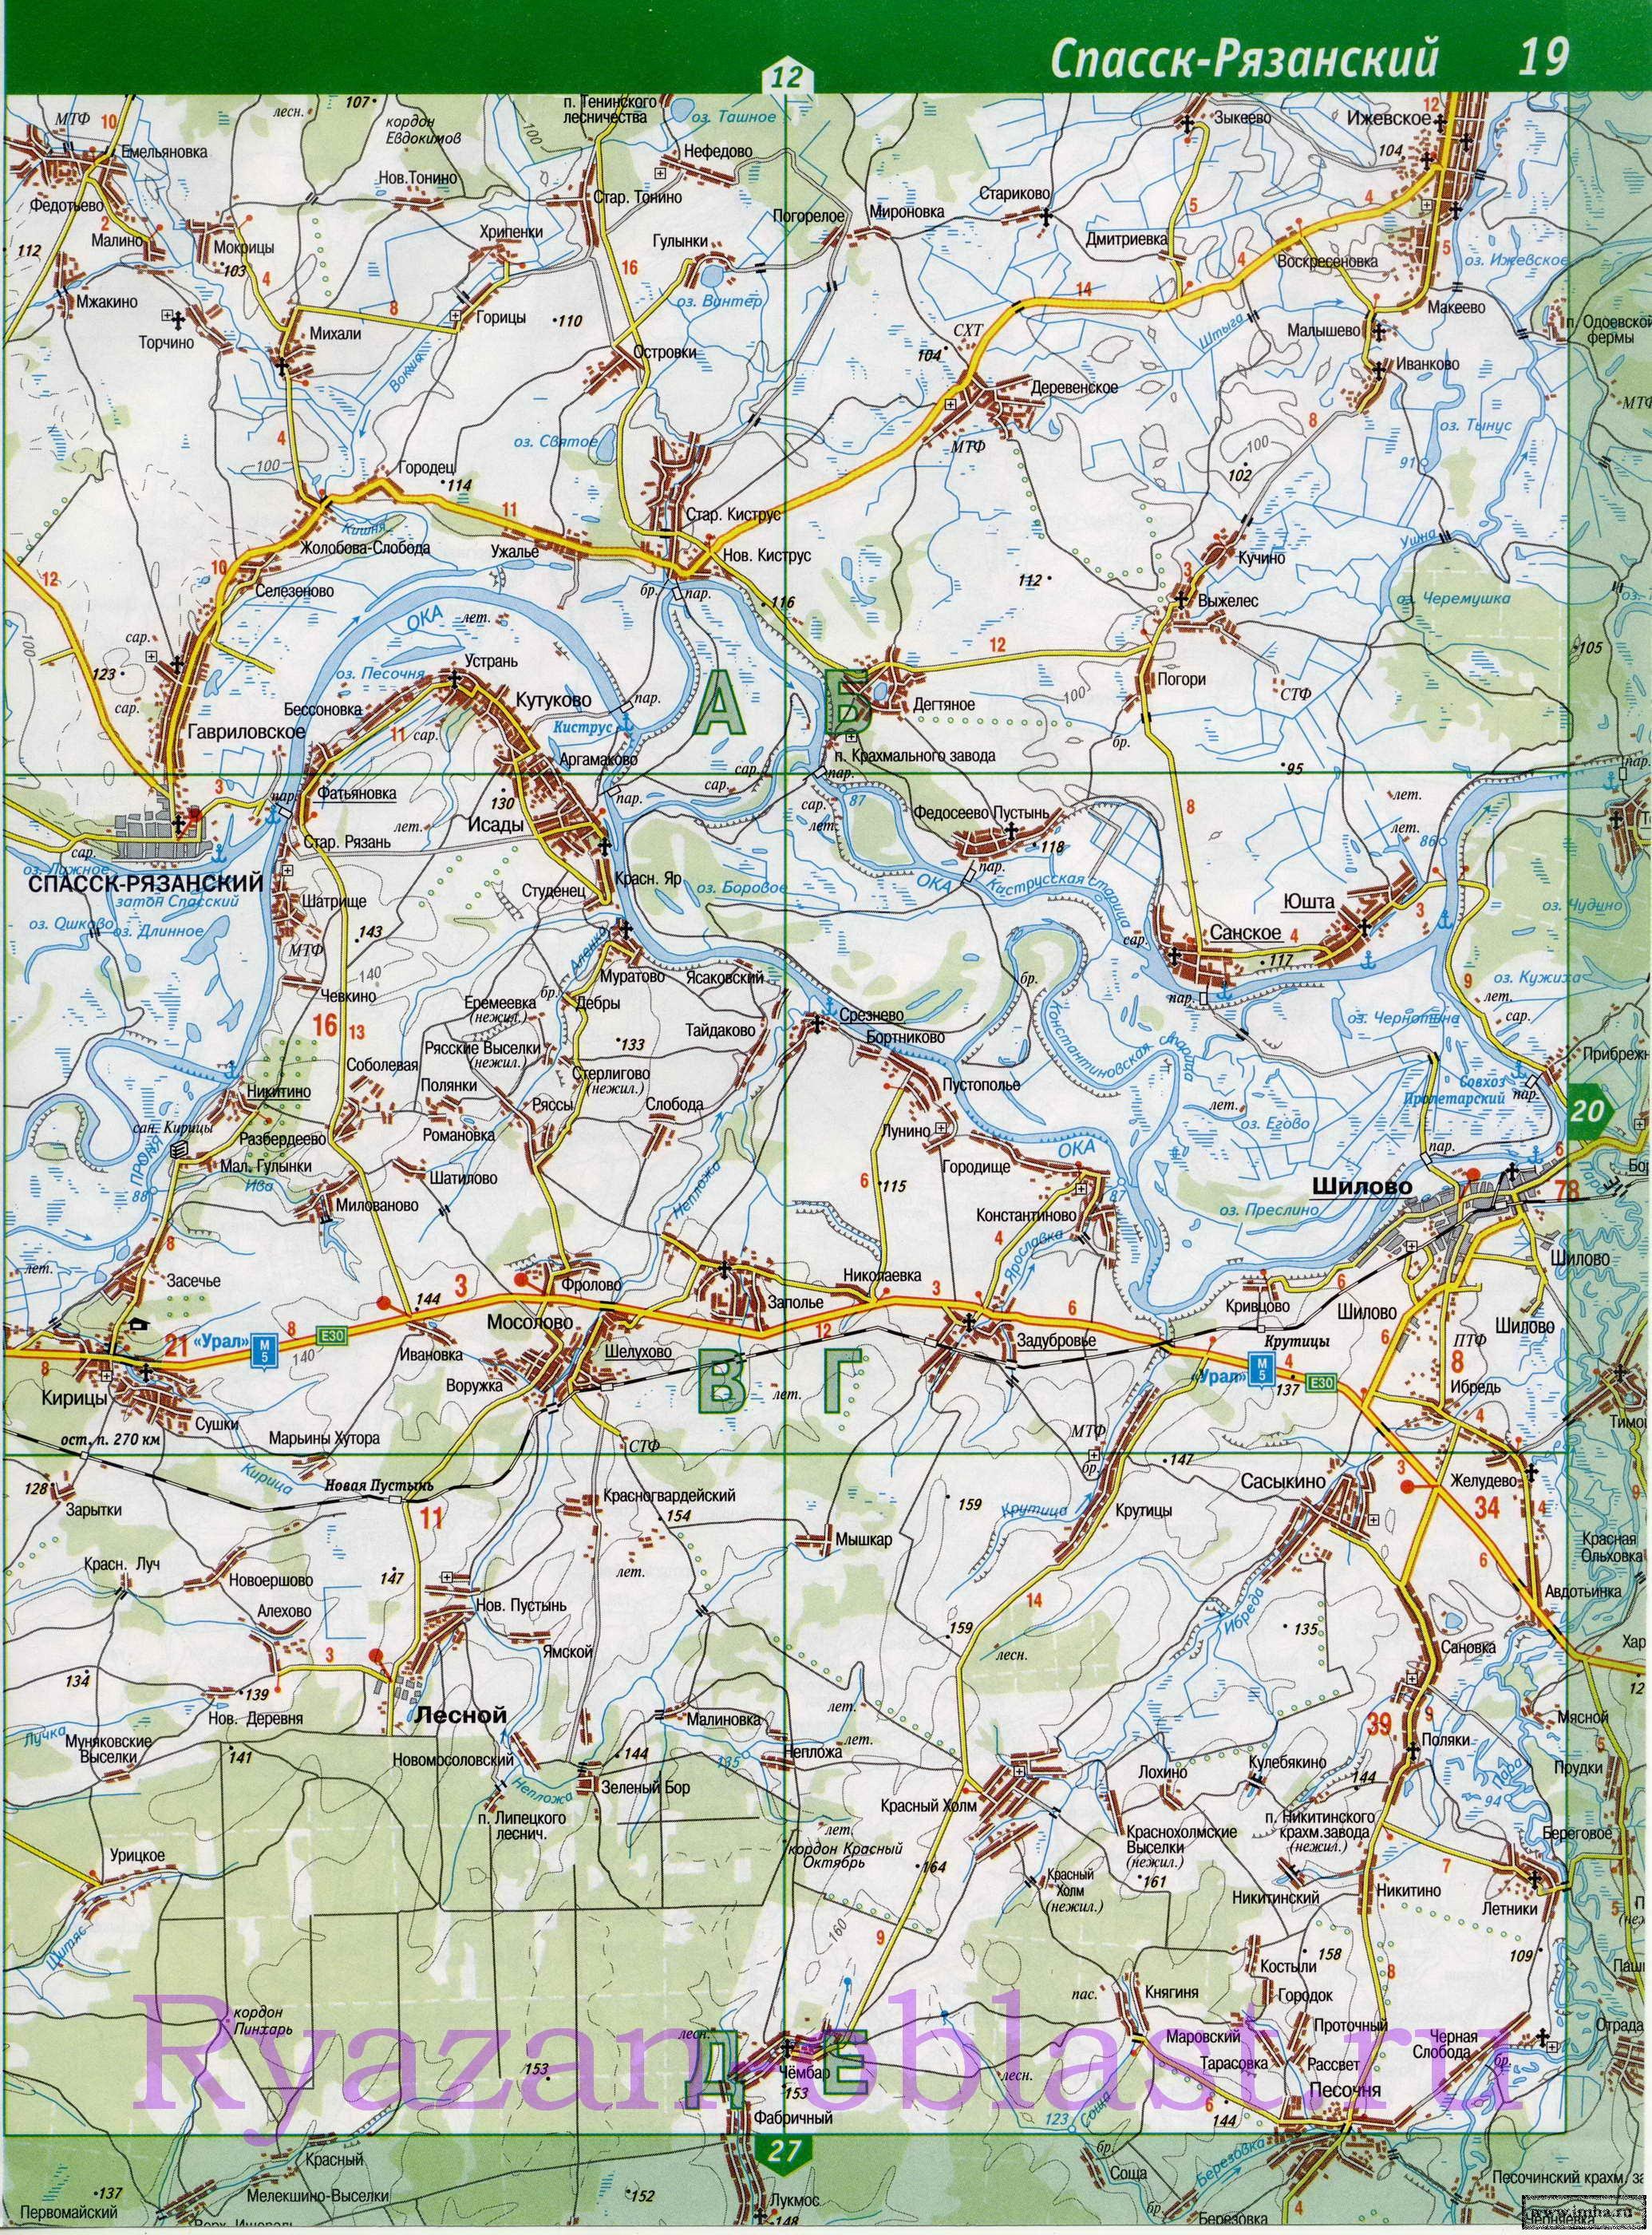 карта рыбака рязанской области